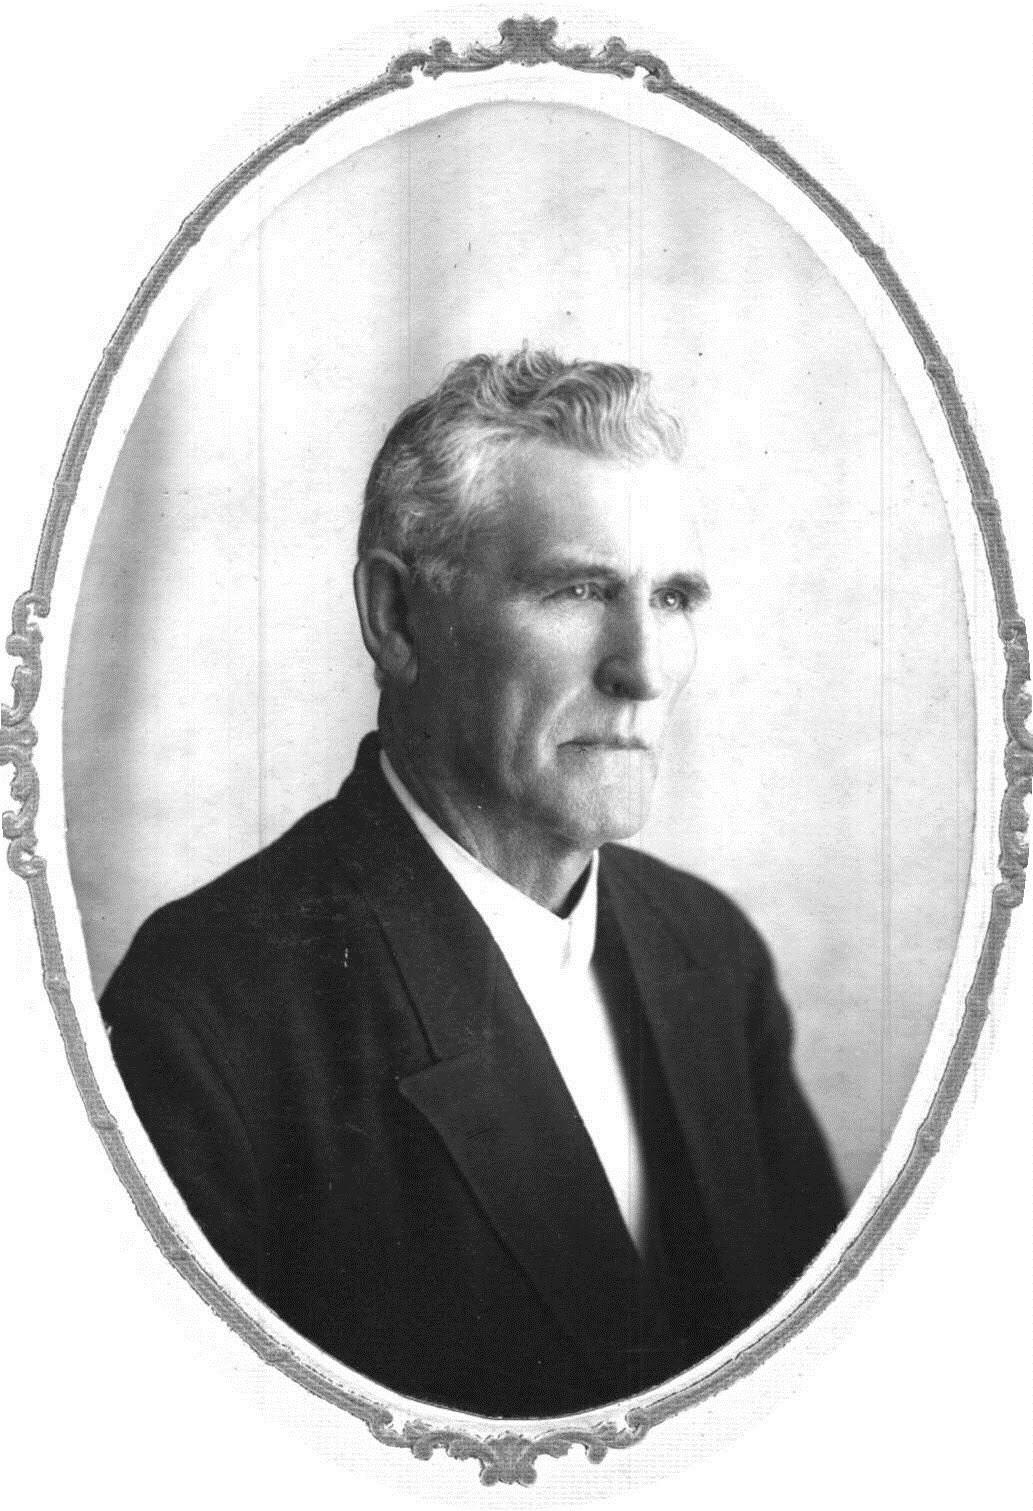 JOHN HENRY LUCAS